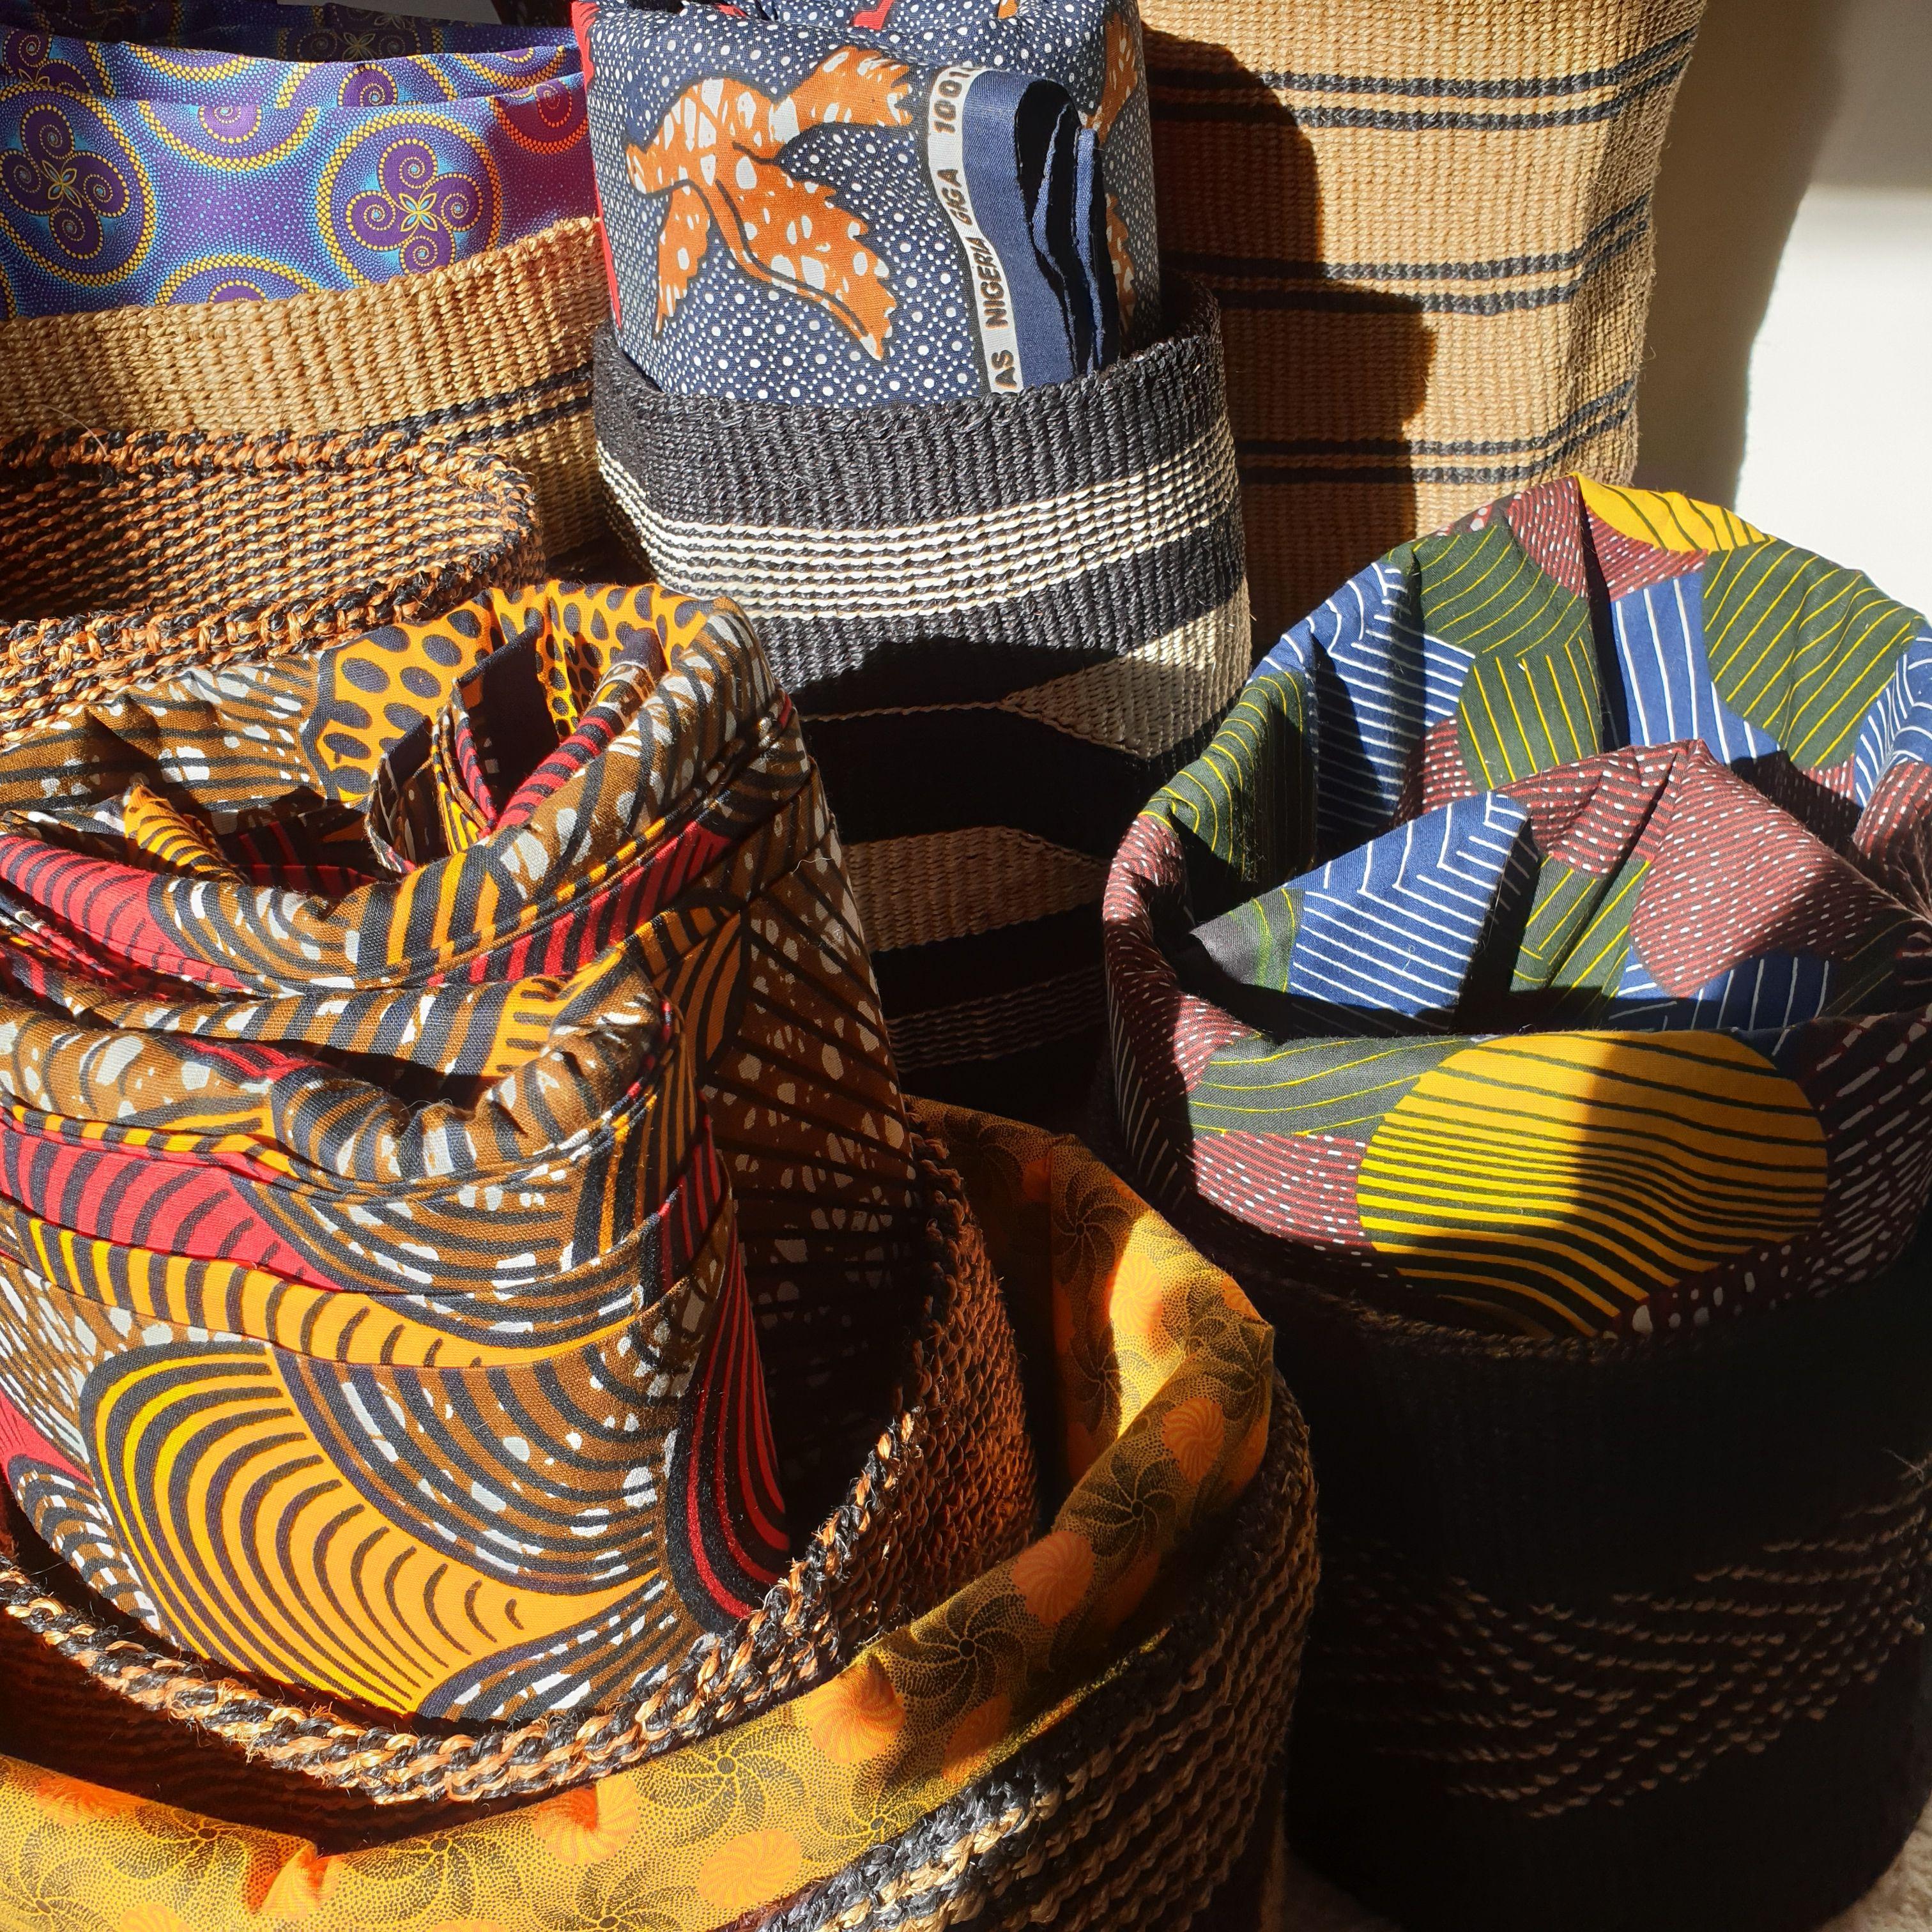 Cloy: borse, tessuti e accessori Made in Africa